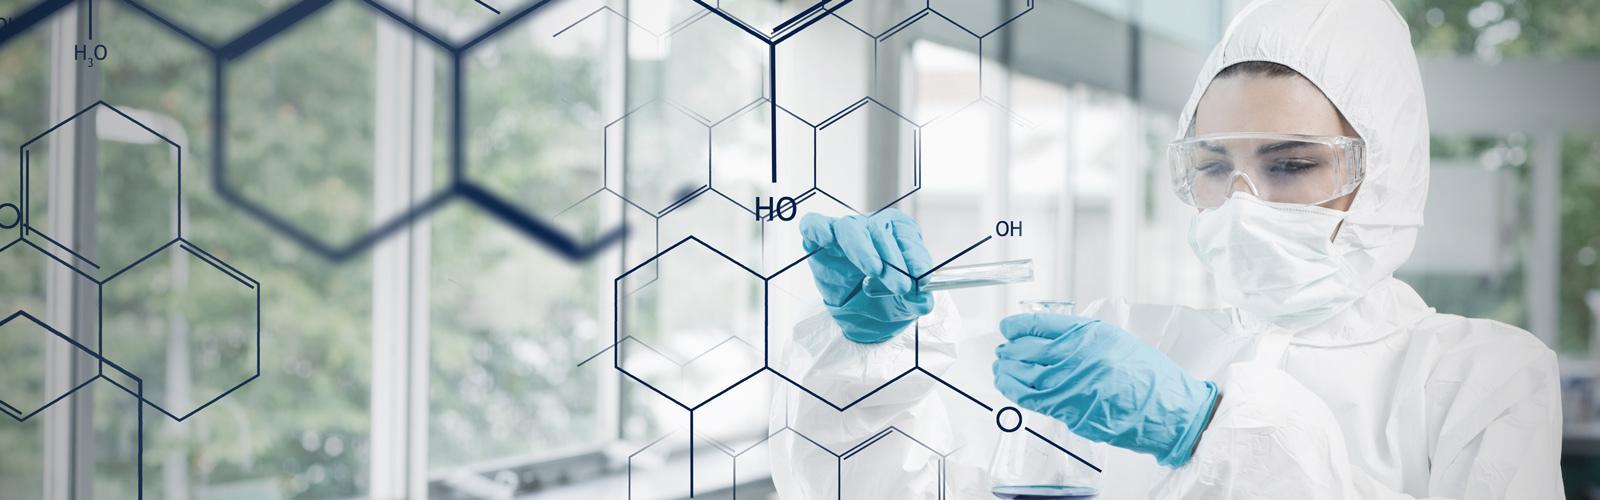 Gelelektrophorese, Cot I DNA, Taq DNA Polymerease